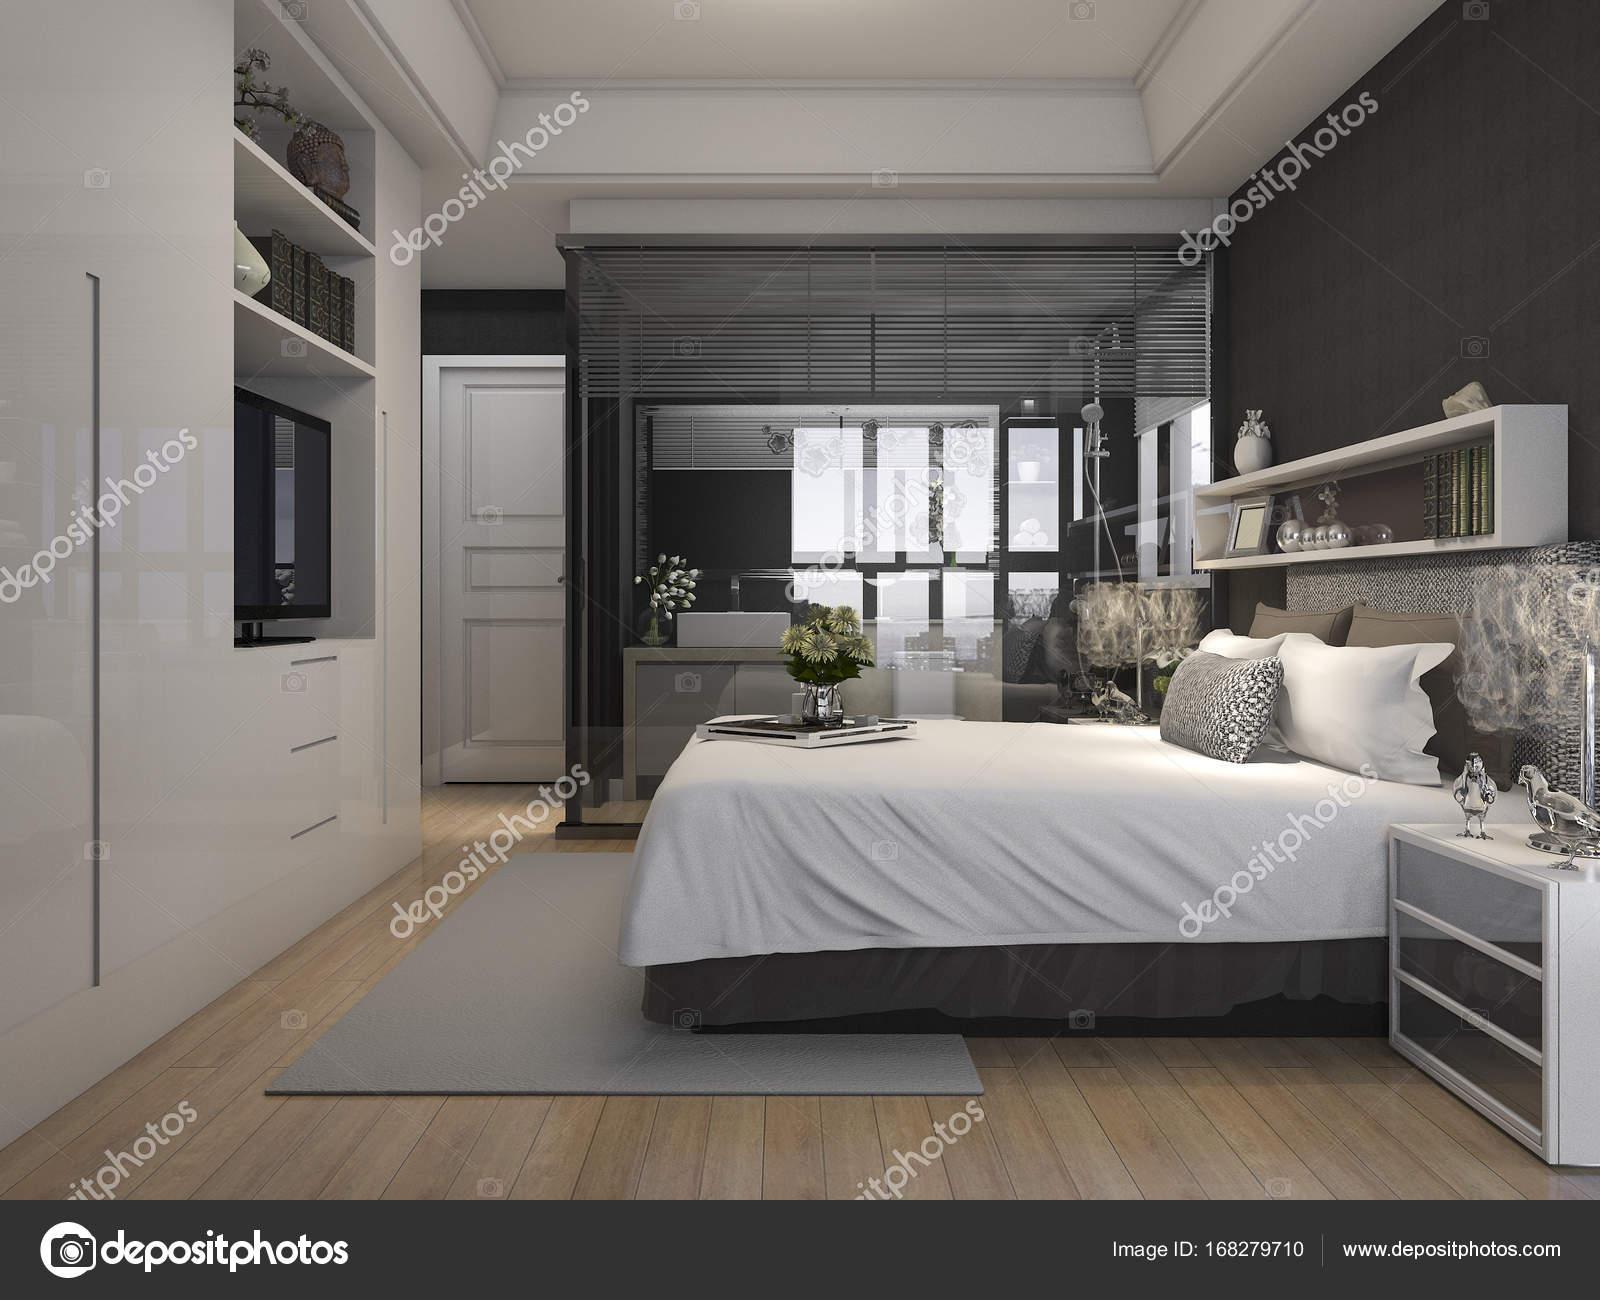 Bagno In Camera Con Vetrata : D rendering lusso suite camera da letto hotel vicino vetro bagno